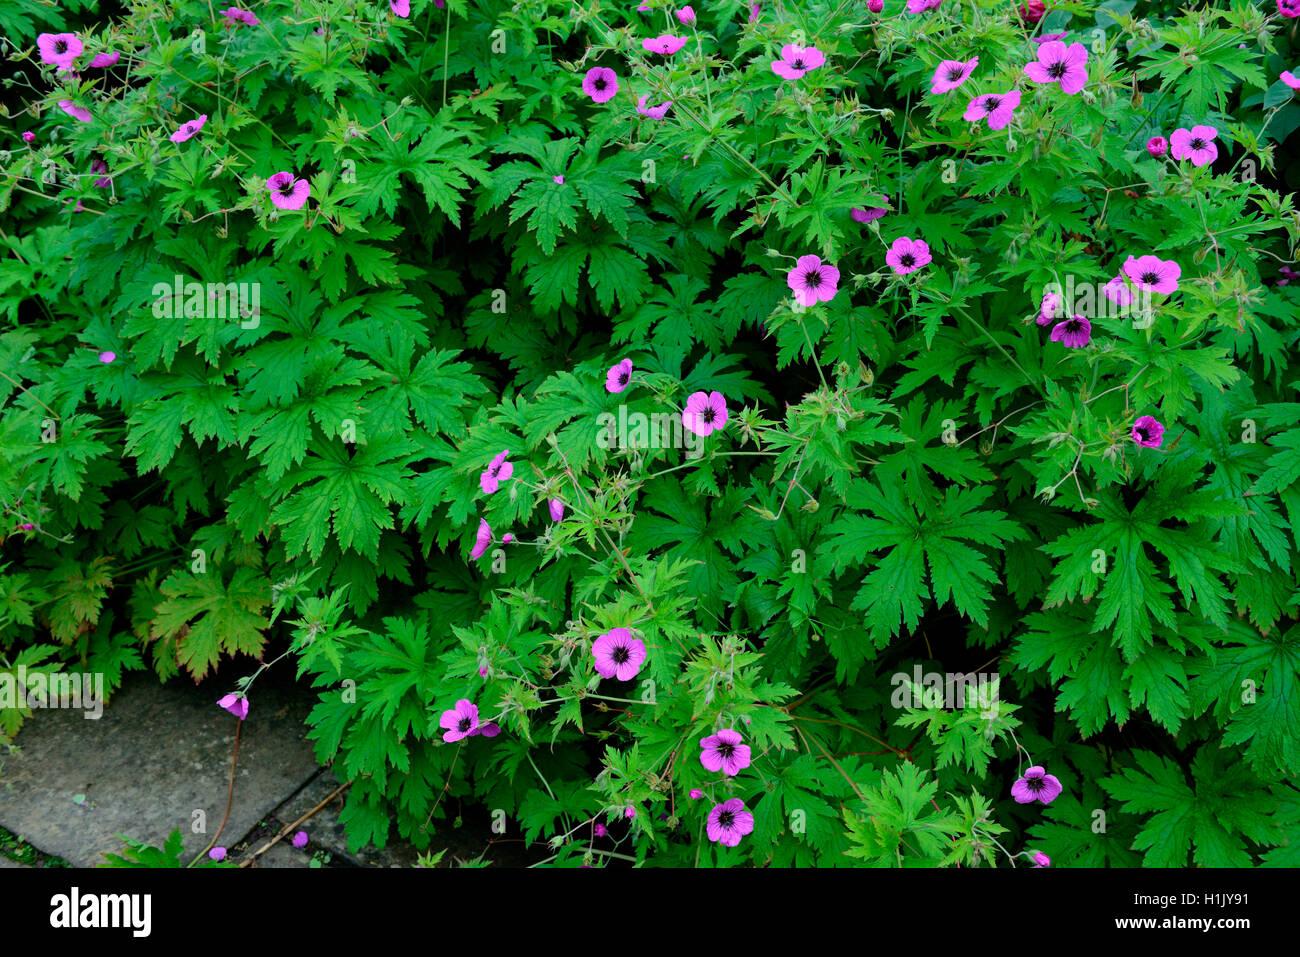 Storchschnabel in Blumenbeet, Geranium pratense - Stock Image